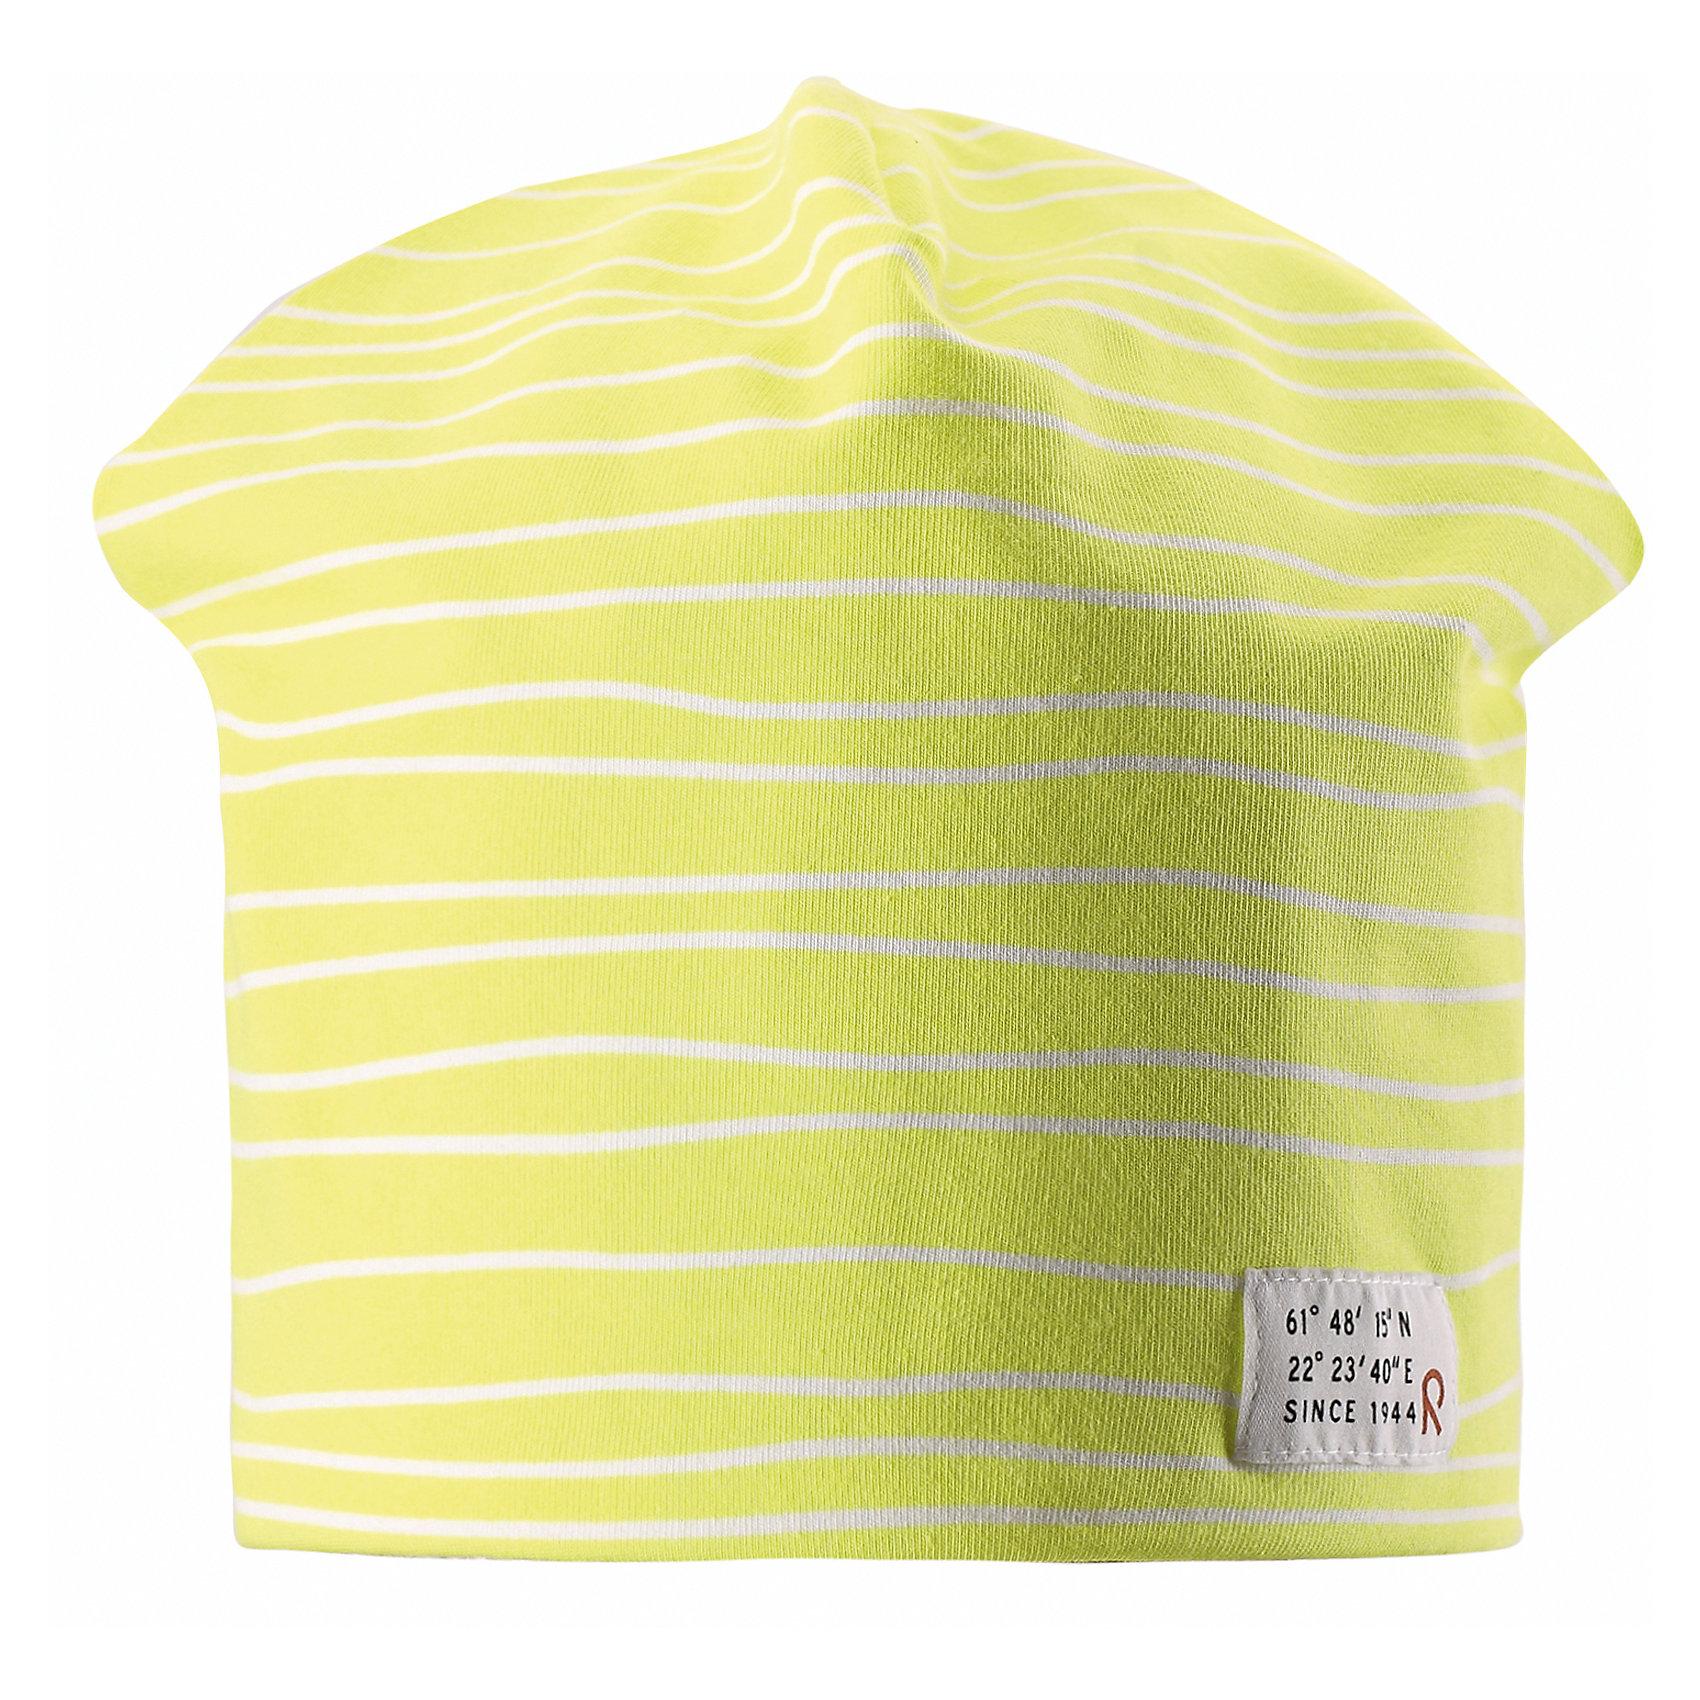 Шапка ReimaГоловные уборы<br>Эта эффектная шапочка свежей расцветки для малышей и детей постарше — великолепный выбор для всех маленьких покорителей природы! Шапочка изготовлена из простого в уходе и быстросохнущего материла Play Jersey®, эффективно выводящего влагу с кожи во время подвижных игр на свежем воздухе. Обратите внимание, что она имеет УФ-защиту 40+. Стиля много не бывает! Озорная двухсторонняя шапочка в одно мгновение превращается из полосатой в однотонную! <br><br>Дополнительная информация:<br><br>Двухсторонняя шапка «Бини» для детей и малышей<br>Быстросохнущий материал Play Jersey, приятный на ощупь<br>Фактор защиты от ультрафиолета 40+<br>Двухсторонняя модель<br>Сплошная подкладка: отводящий влагу материал Play Jersey<br>Логотип Reima® спереди<br>Веселые цветовые сочетания<br>Состав:<br>65% ХЛ 30% ПЭ 5% ЭЛ<br>Уход:<br>Стирать с бельем одинакового цвета, вывернув наизнанку. Полоскать без специального средства. Придать первоначальную форму вo влажном виде.<br><br>Ширина мм: 89<br>Глубина мм: 117<br>Высота мм: 44<br>Вес г: 155<br>Цвет: желтый<br>Возраст от месяцев: 84<br>Возраст до месяцев: 144<br>Пол: Унисекс<br>Возраст: Детский<br>Размер: 56,54,50,52<br>SKU: 4498118